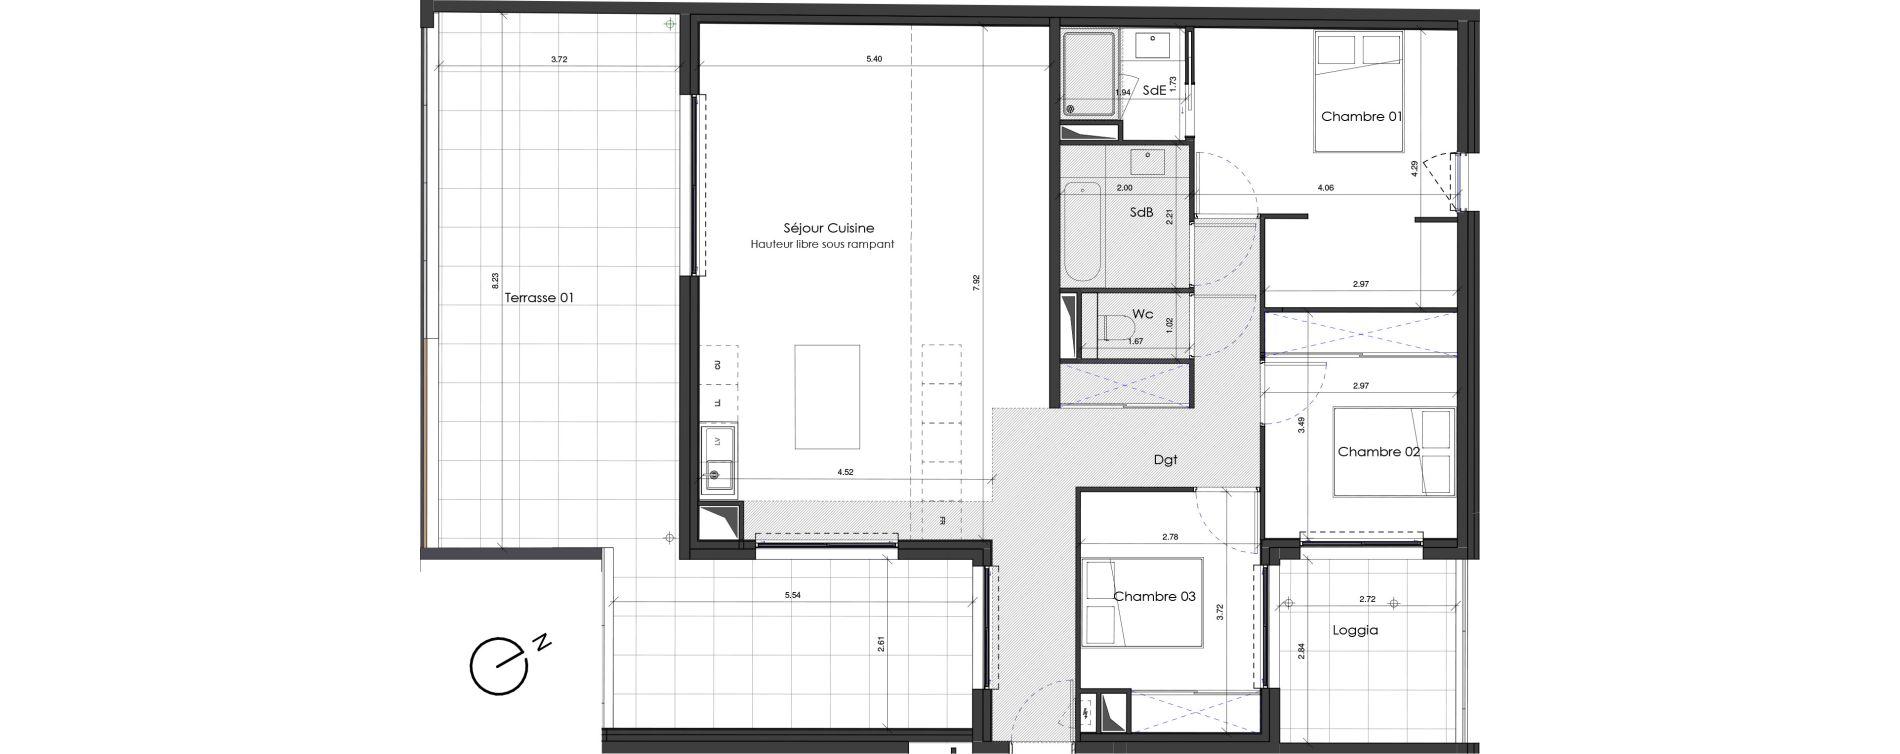 Appartement T4 de 100,18 m2 à Saint-Jean-De-Védas Roque fraisse